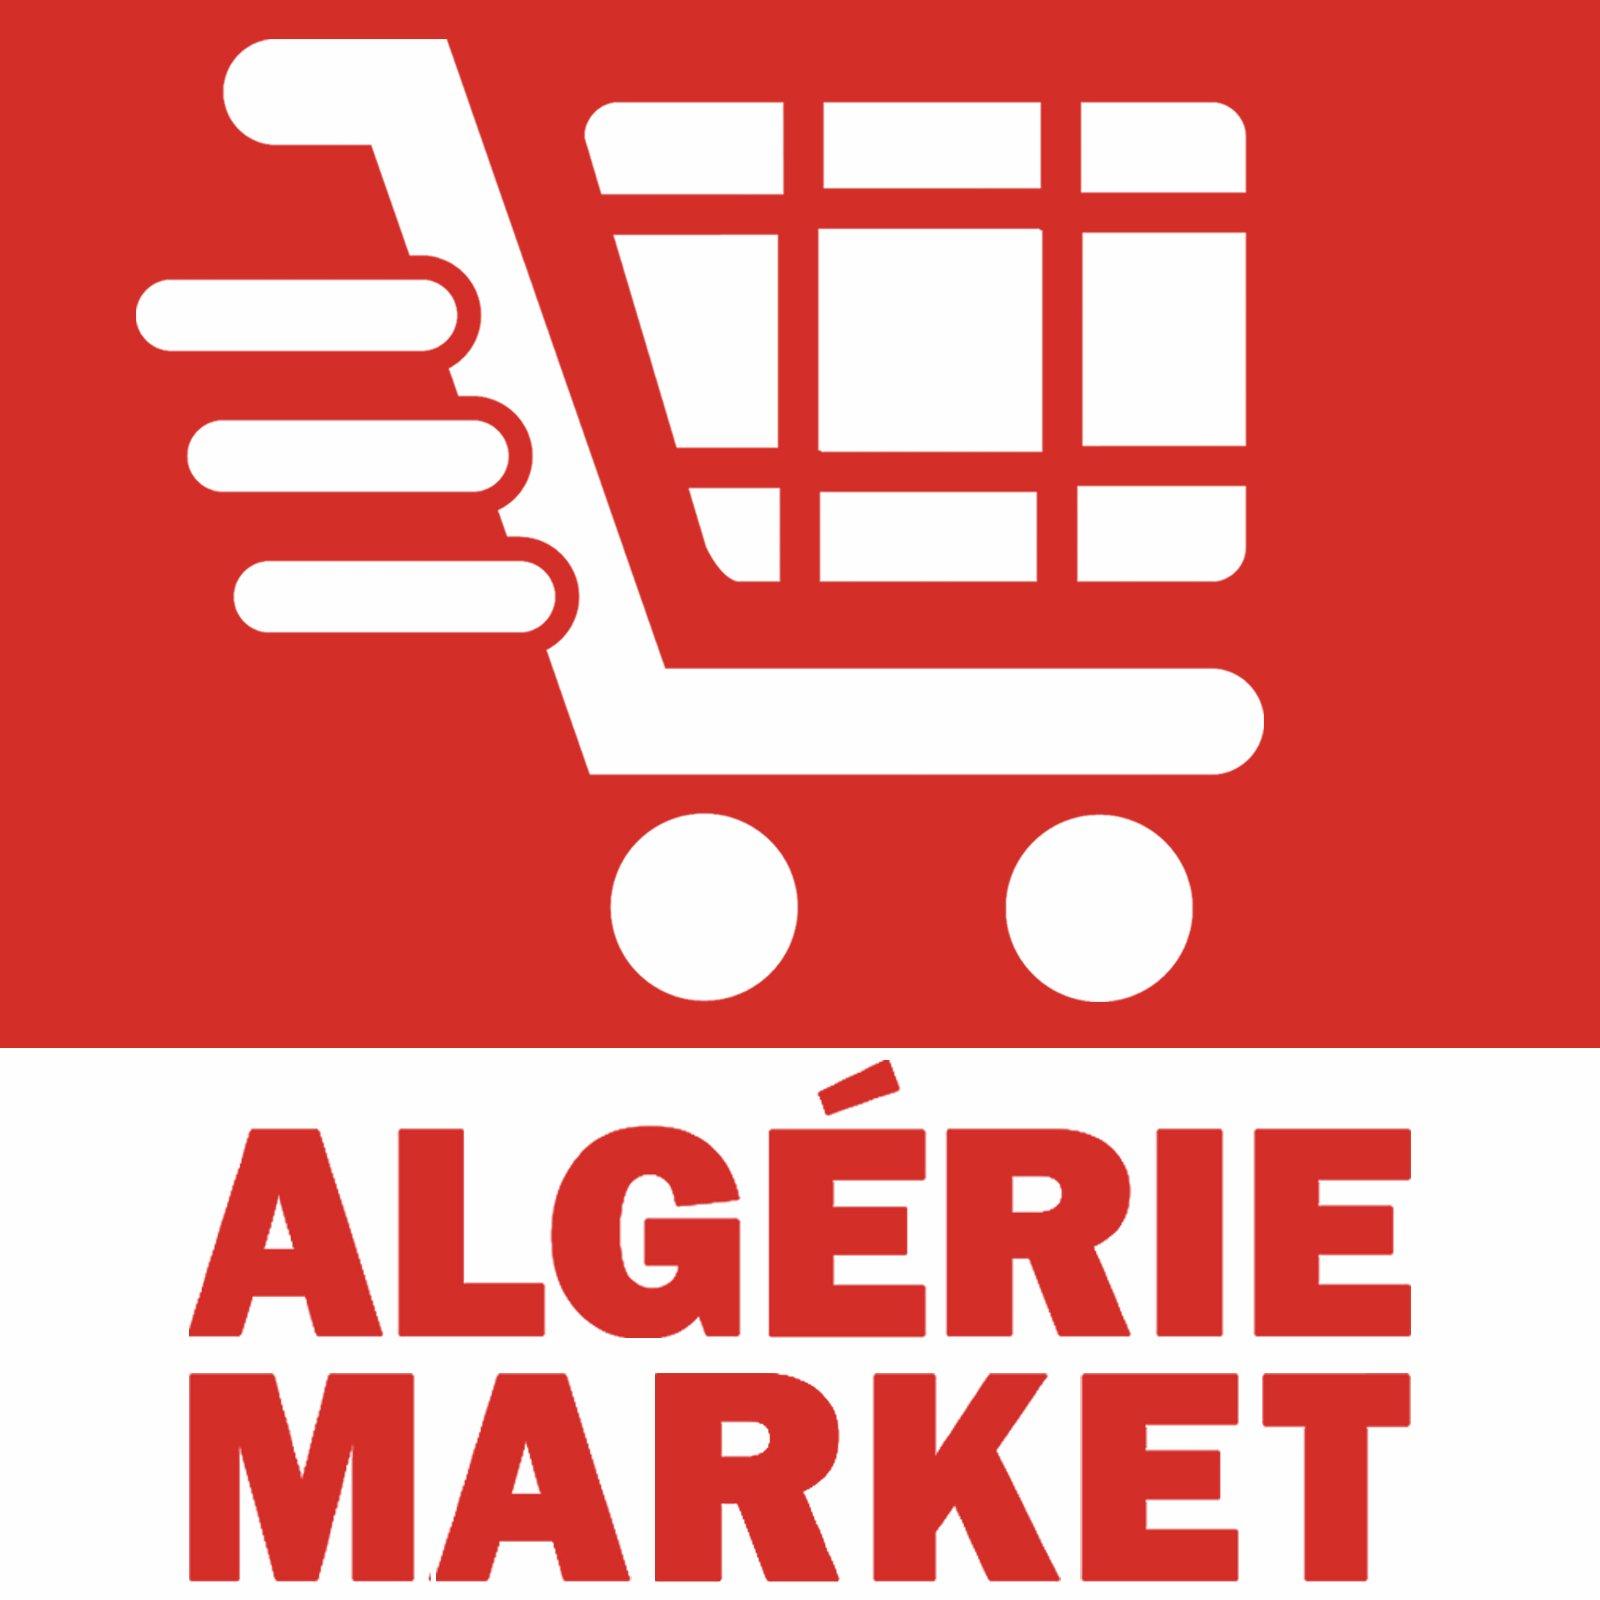 Algérie market